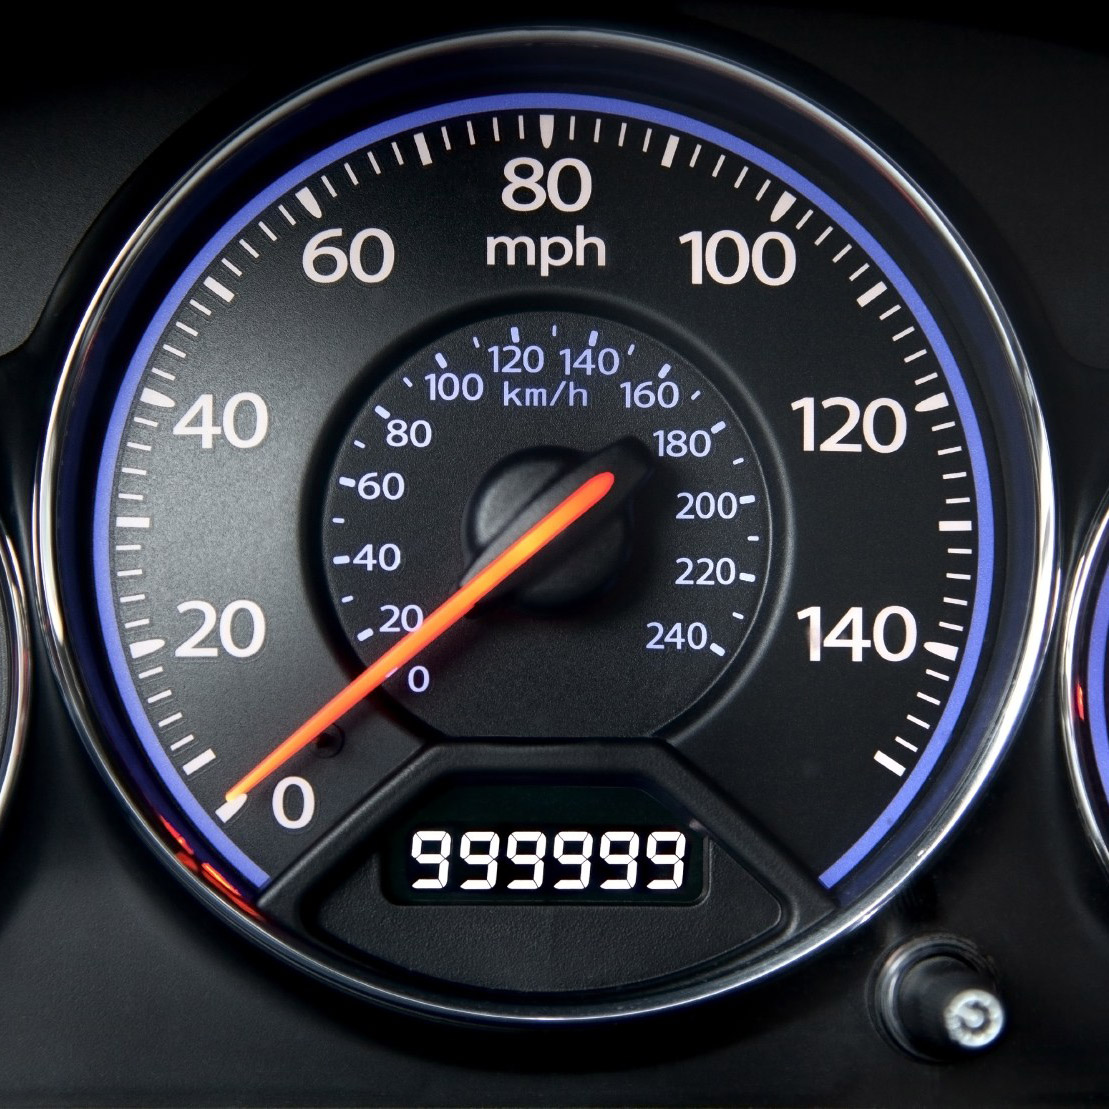 🧐Recomendaciones para un perfecto mantenimiento si tu #coche ha pasado los 100.000 km  https://t.co/DUx0OJrBaP https://t.co/iyAc1Y3CcS